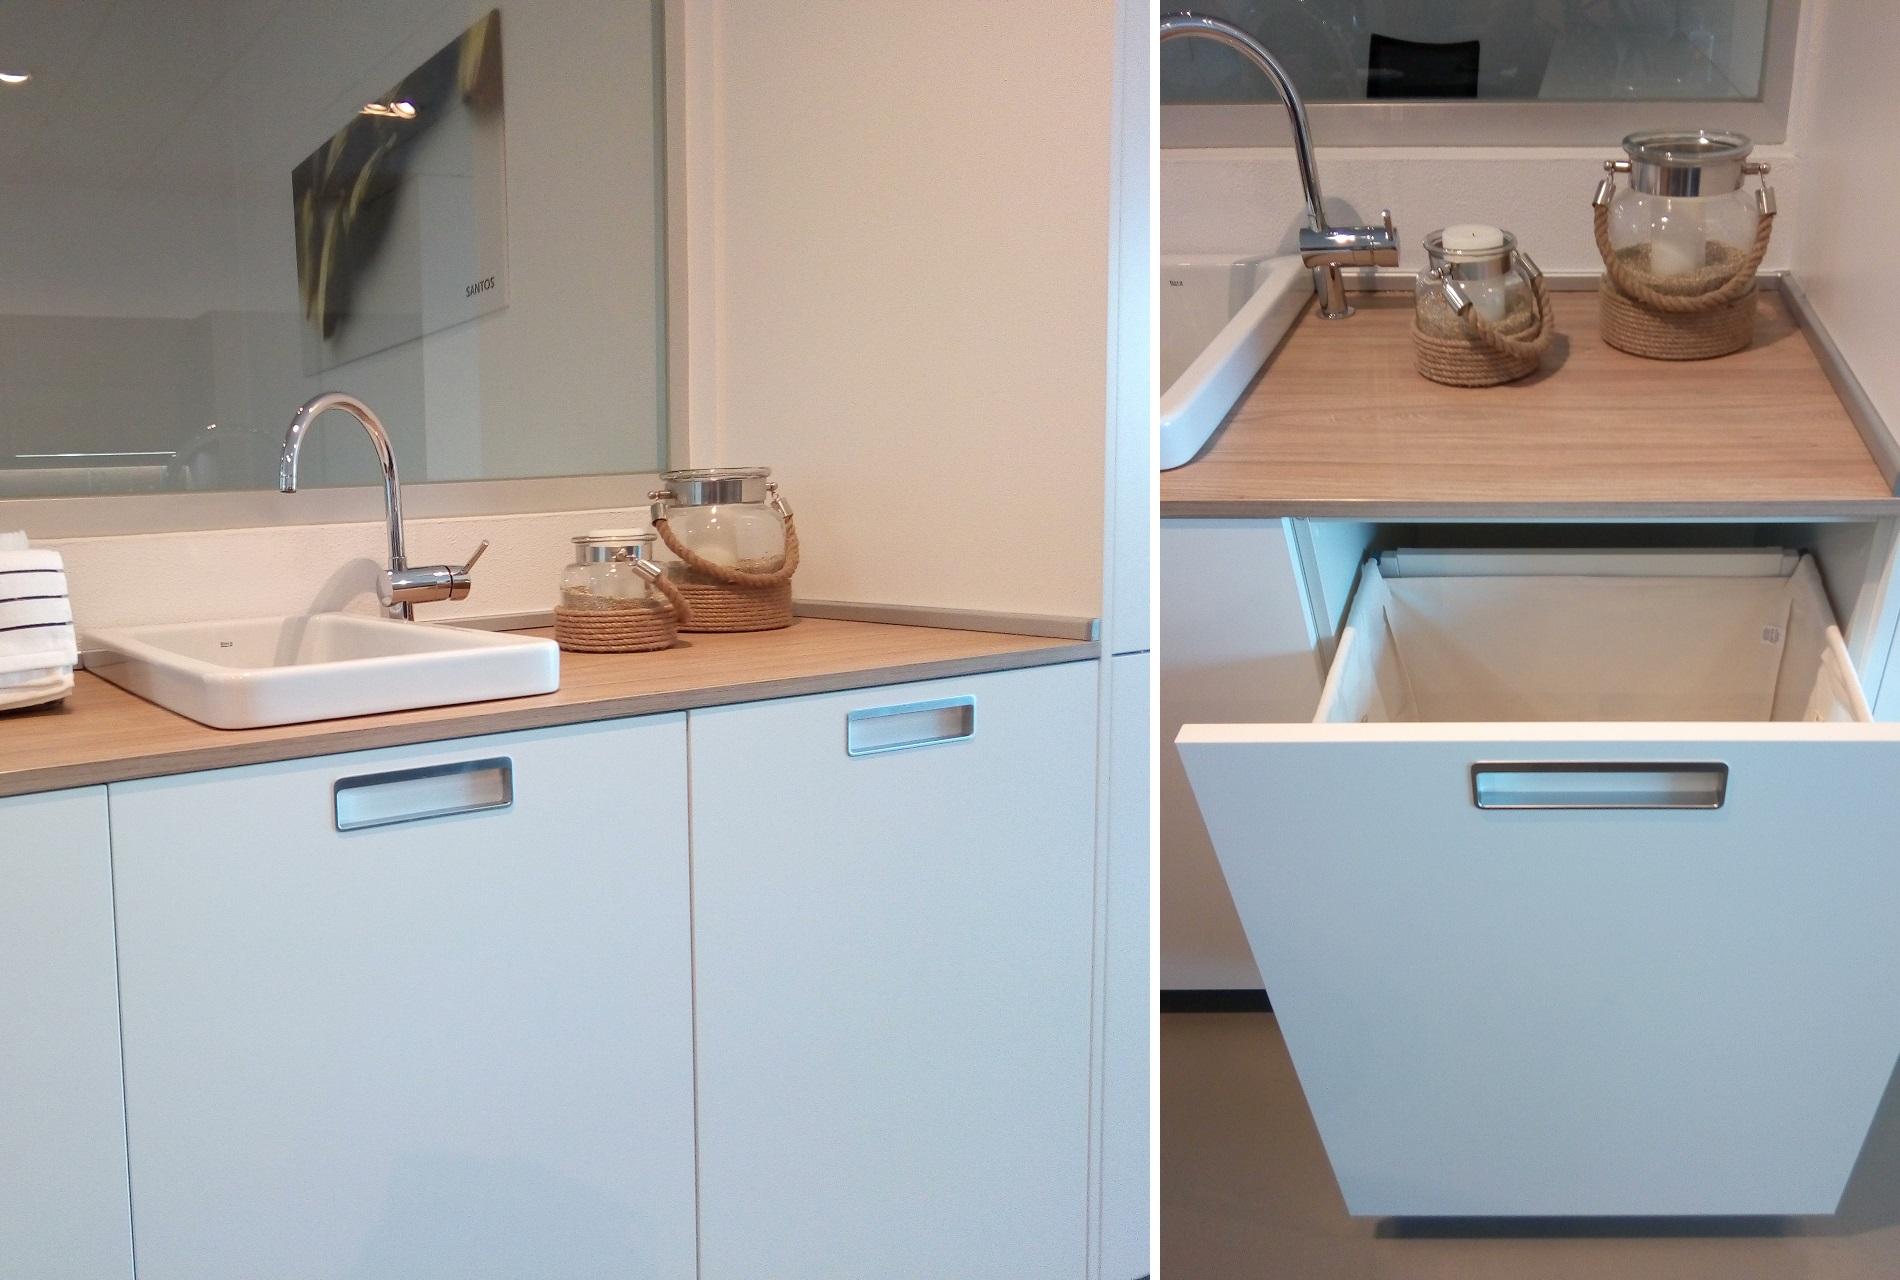 Image lavanderia-ariane-liquidacion-santiago-interiores-1